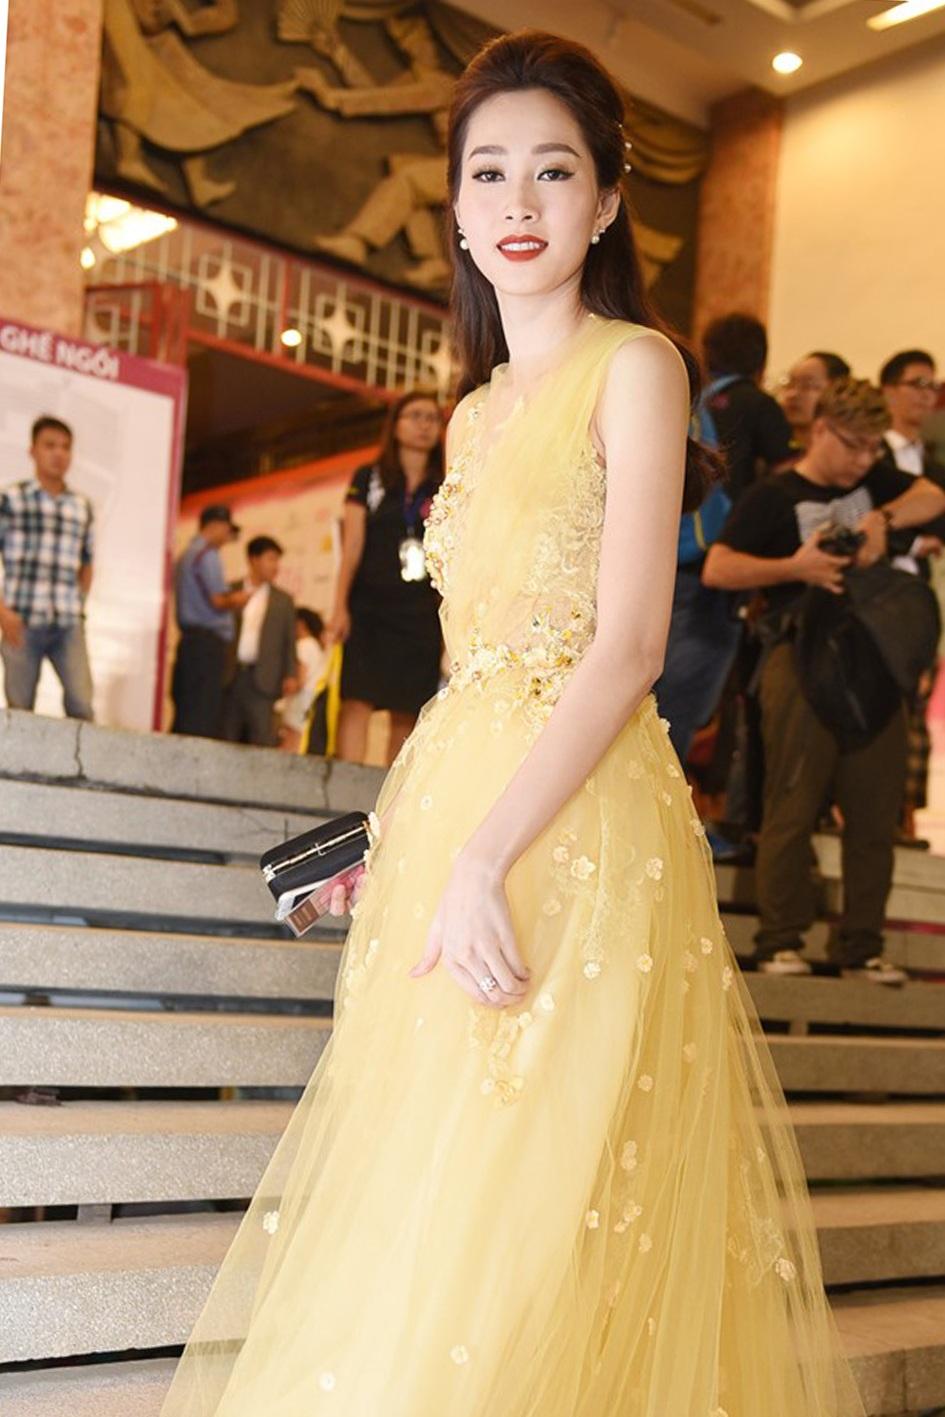 Đặng Thu Thảo là một trong những hoa hậu Việt Nam chiếm được nhiều tình cảm của khán giả bởi nét đẹp hiền lành, trong sáng.